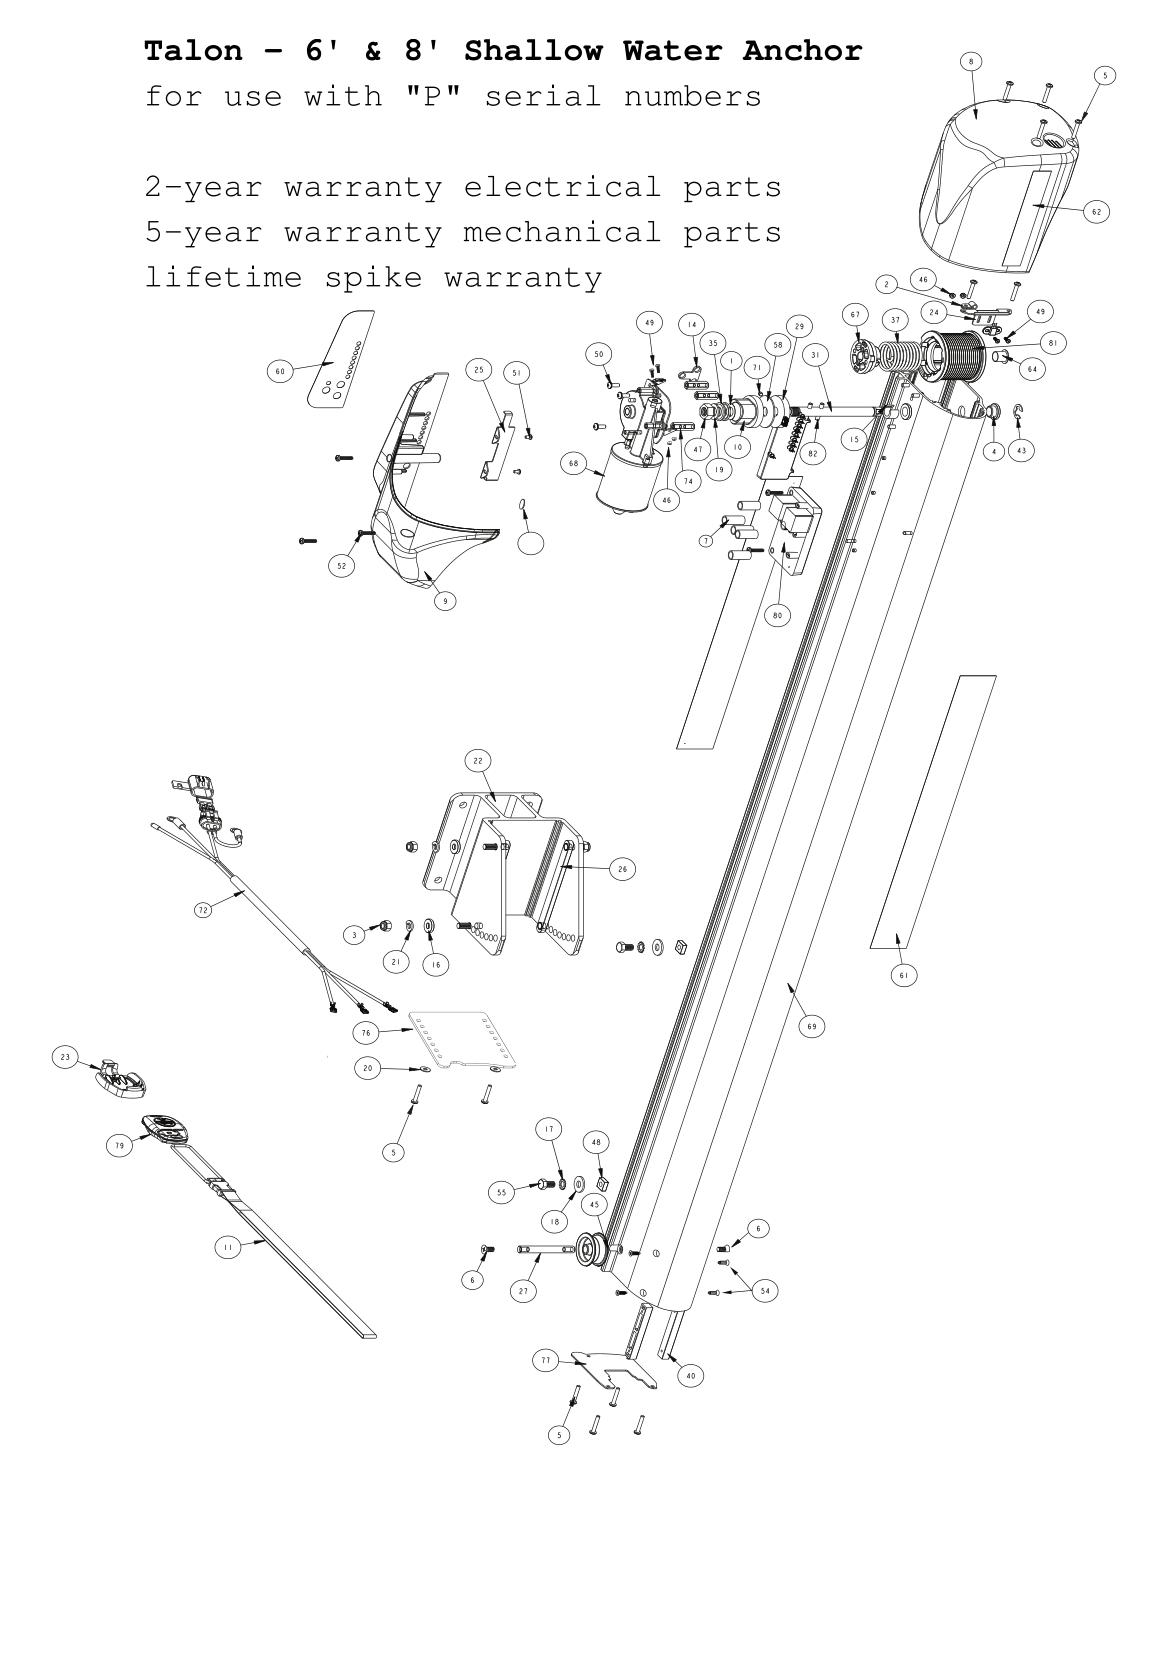 2015-mk-talon6-8-1.png